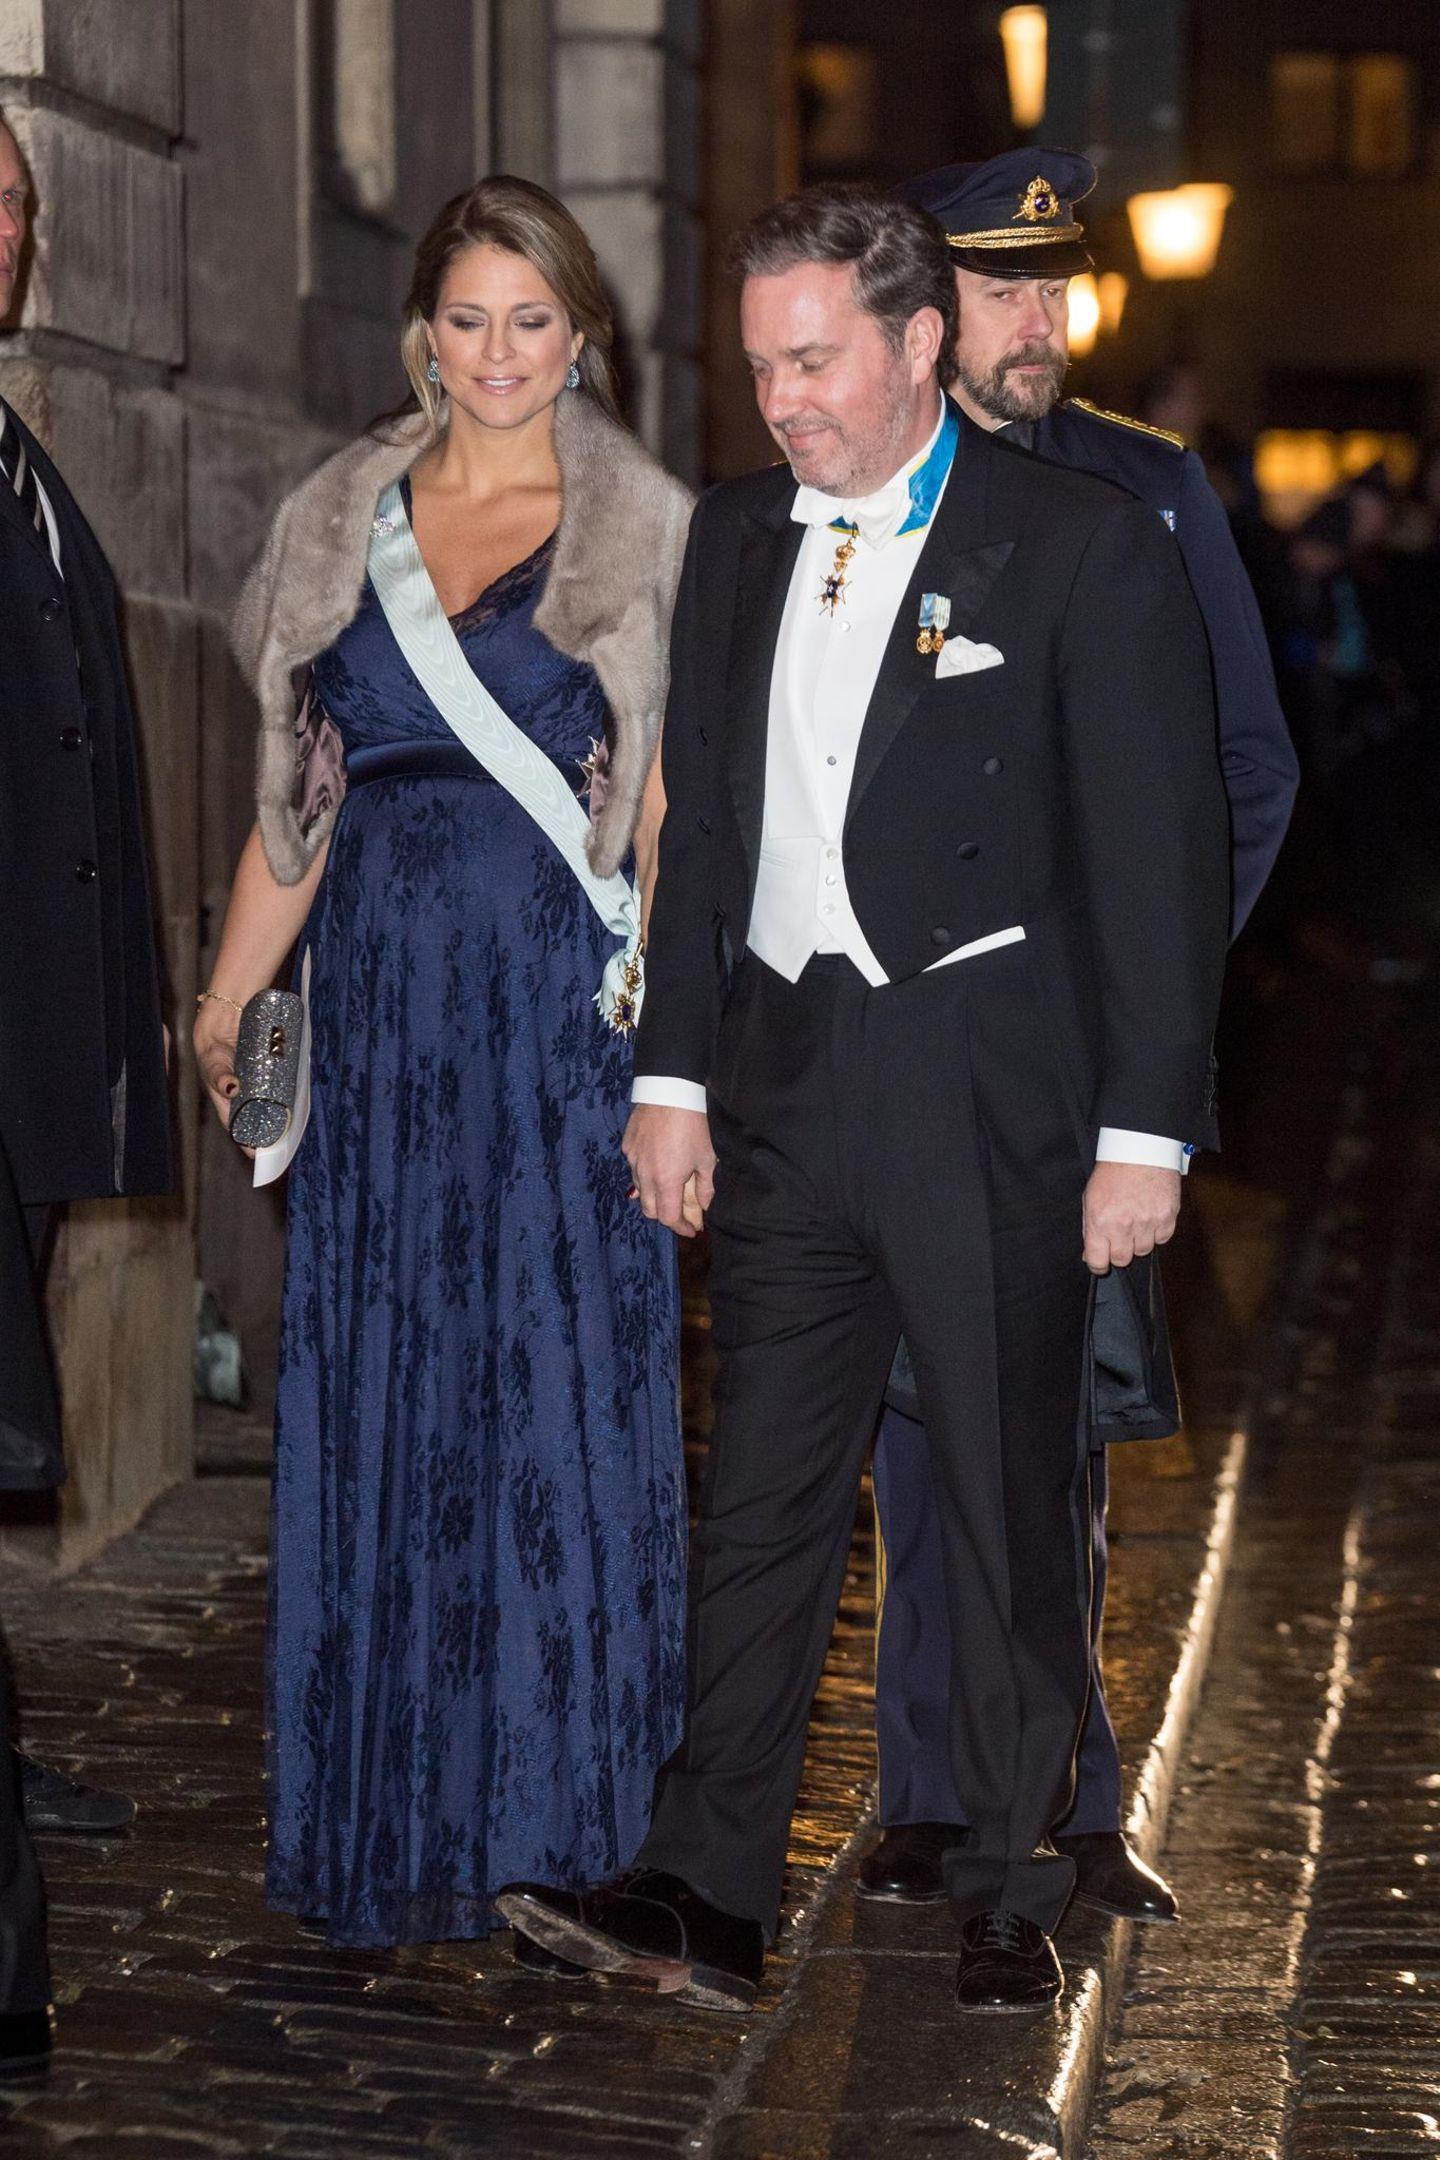 Im Dezember zeigt sich Prinzessin Madeleine in einer dunkelblauen Robe von Tiffany Rose für rund 280 Euro an der Seite ihres Mannes Chris O'Neill. Der Babydoll-Schnitt betont ihr wachsendes Bäuchlein perfekt. Darüber trägt die schwangere Prinzessin eine helle Fellstola. Rund drei Monate später erblickt dann ihr drittes Kind das Licht der Welt. Wir schauen zurück auf ihre schönsten Schwangerschaftslooks.